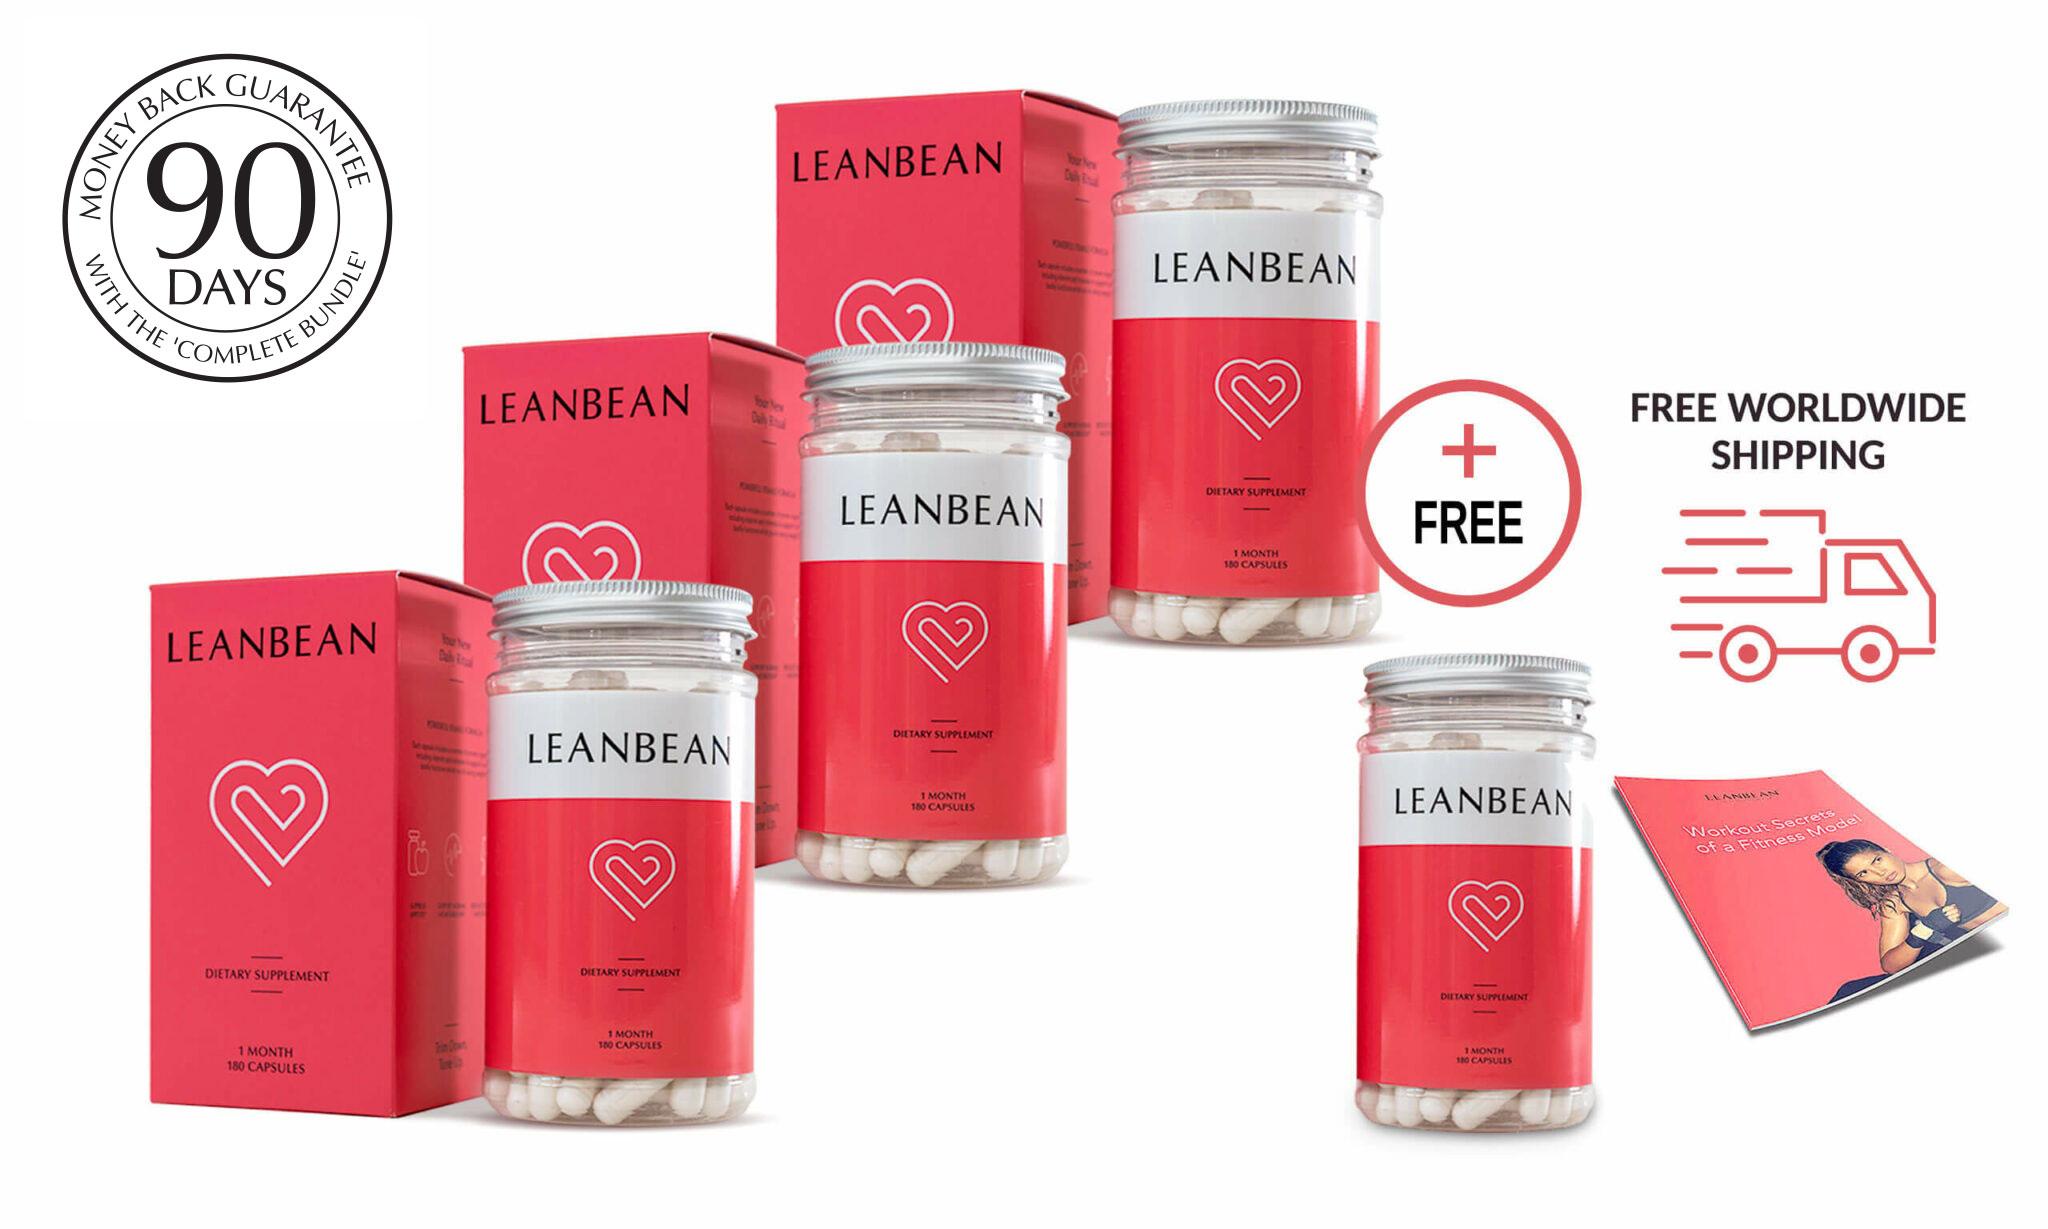 Leanbean Complete Bundle plus extras